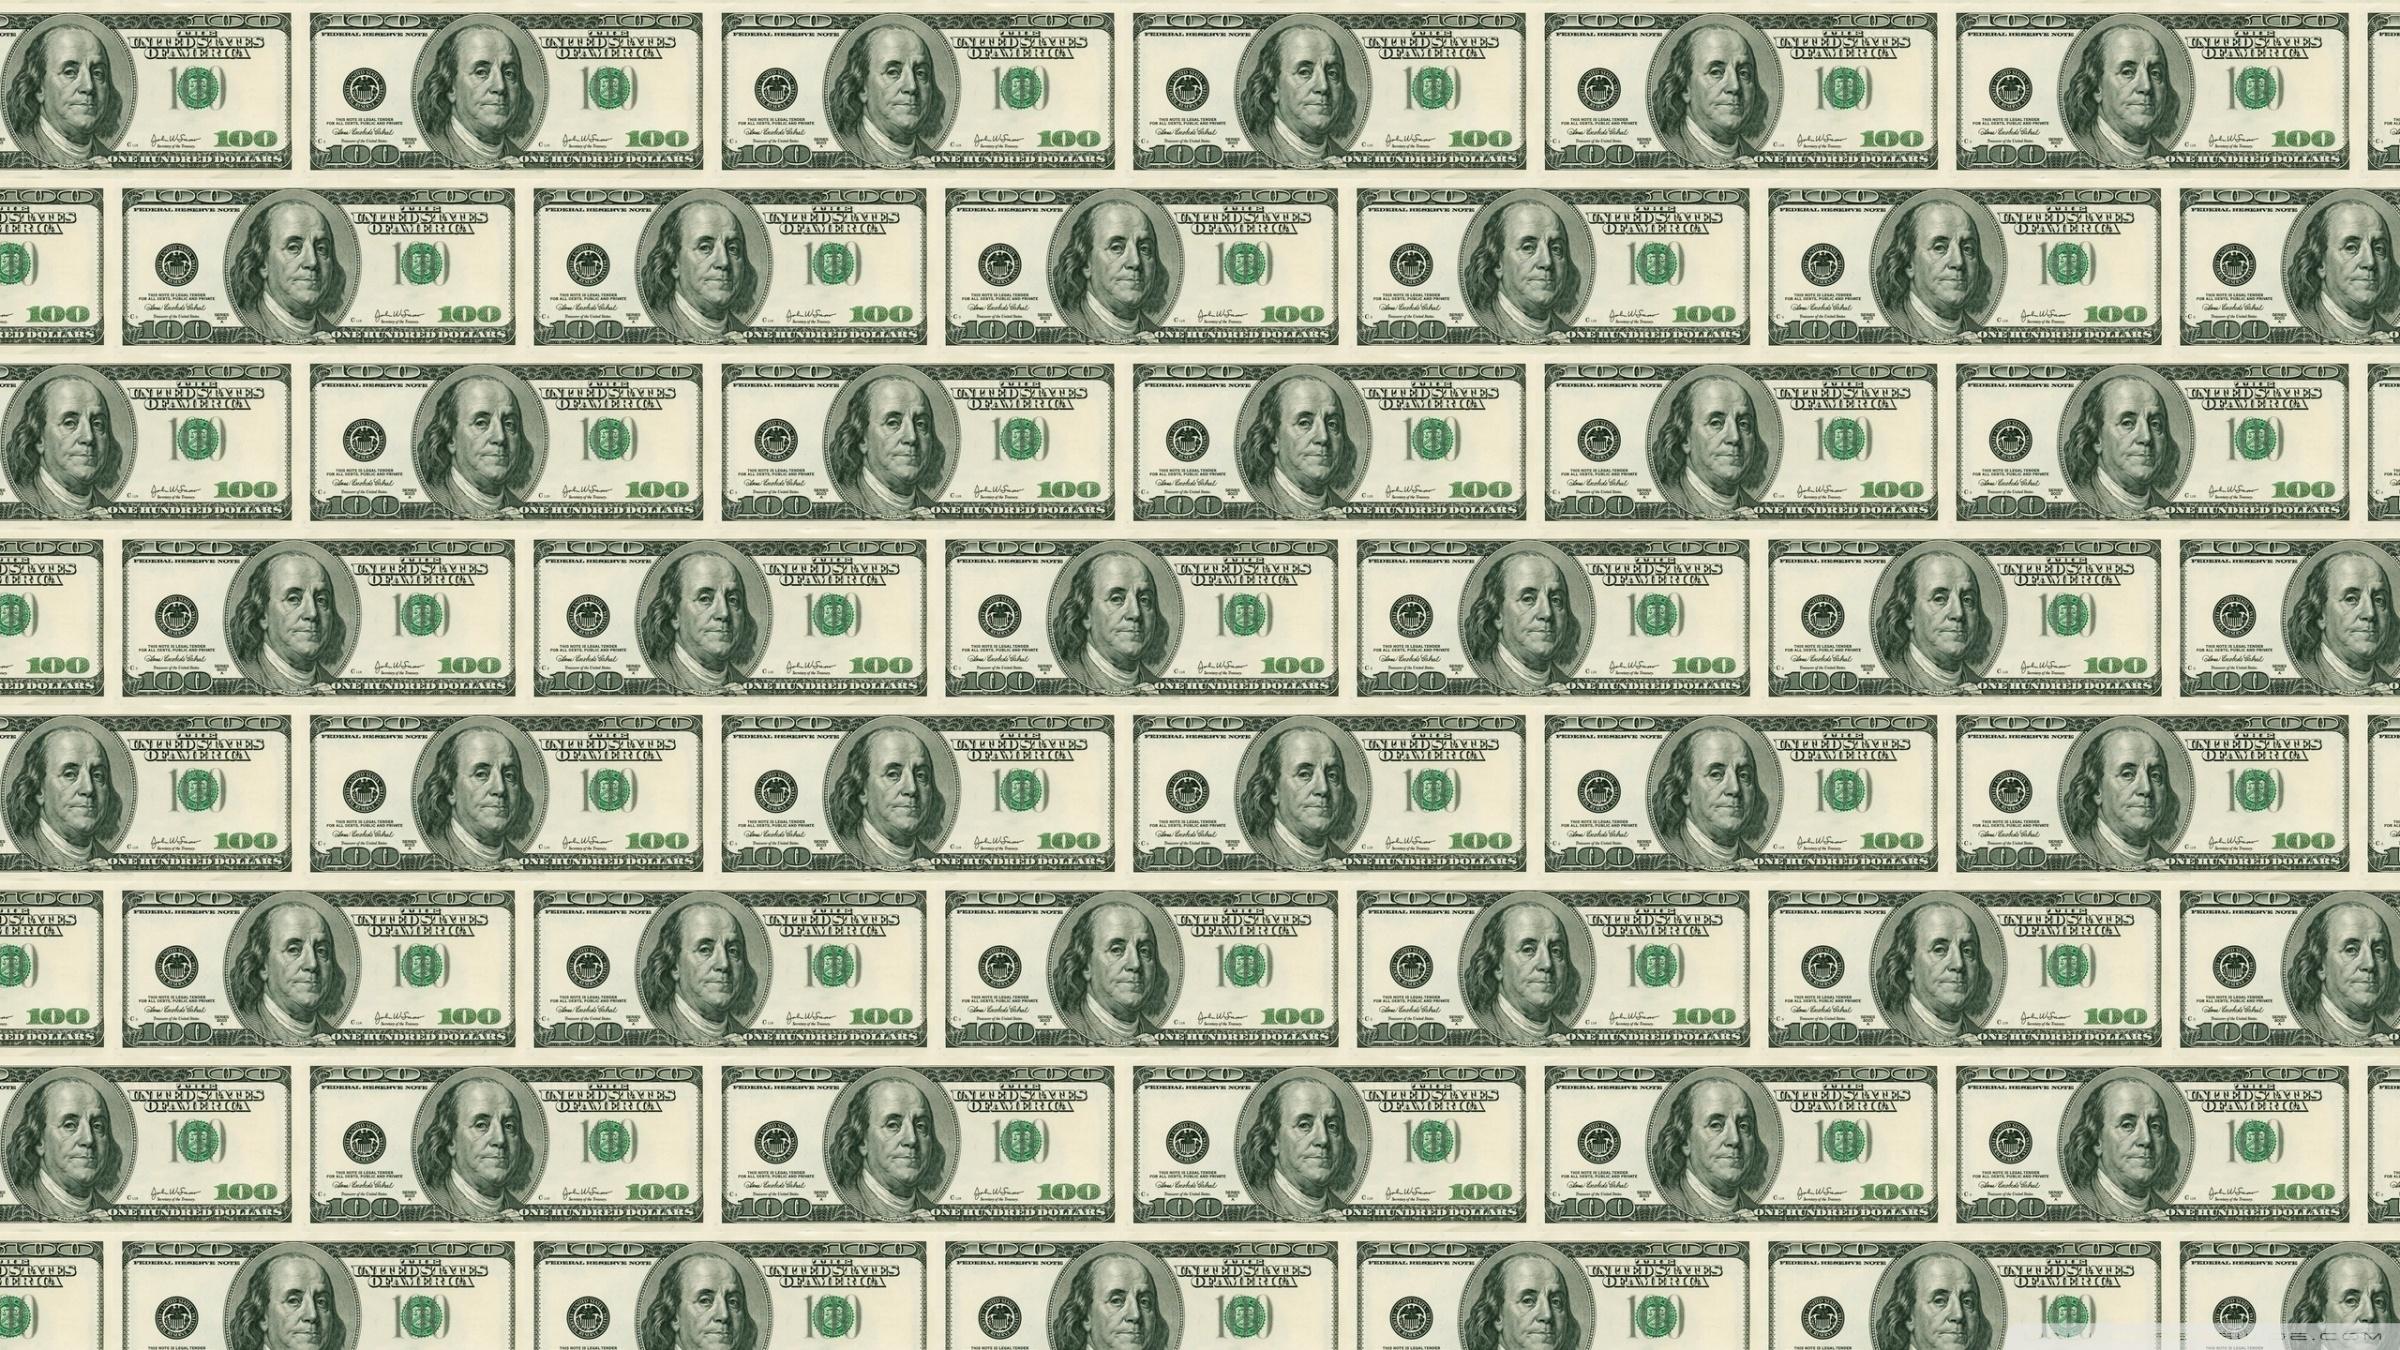 Falling Money Hd Wallpaper Money Money Money 4k Hd Desktop Wallpaper For 4k Ultra Hd